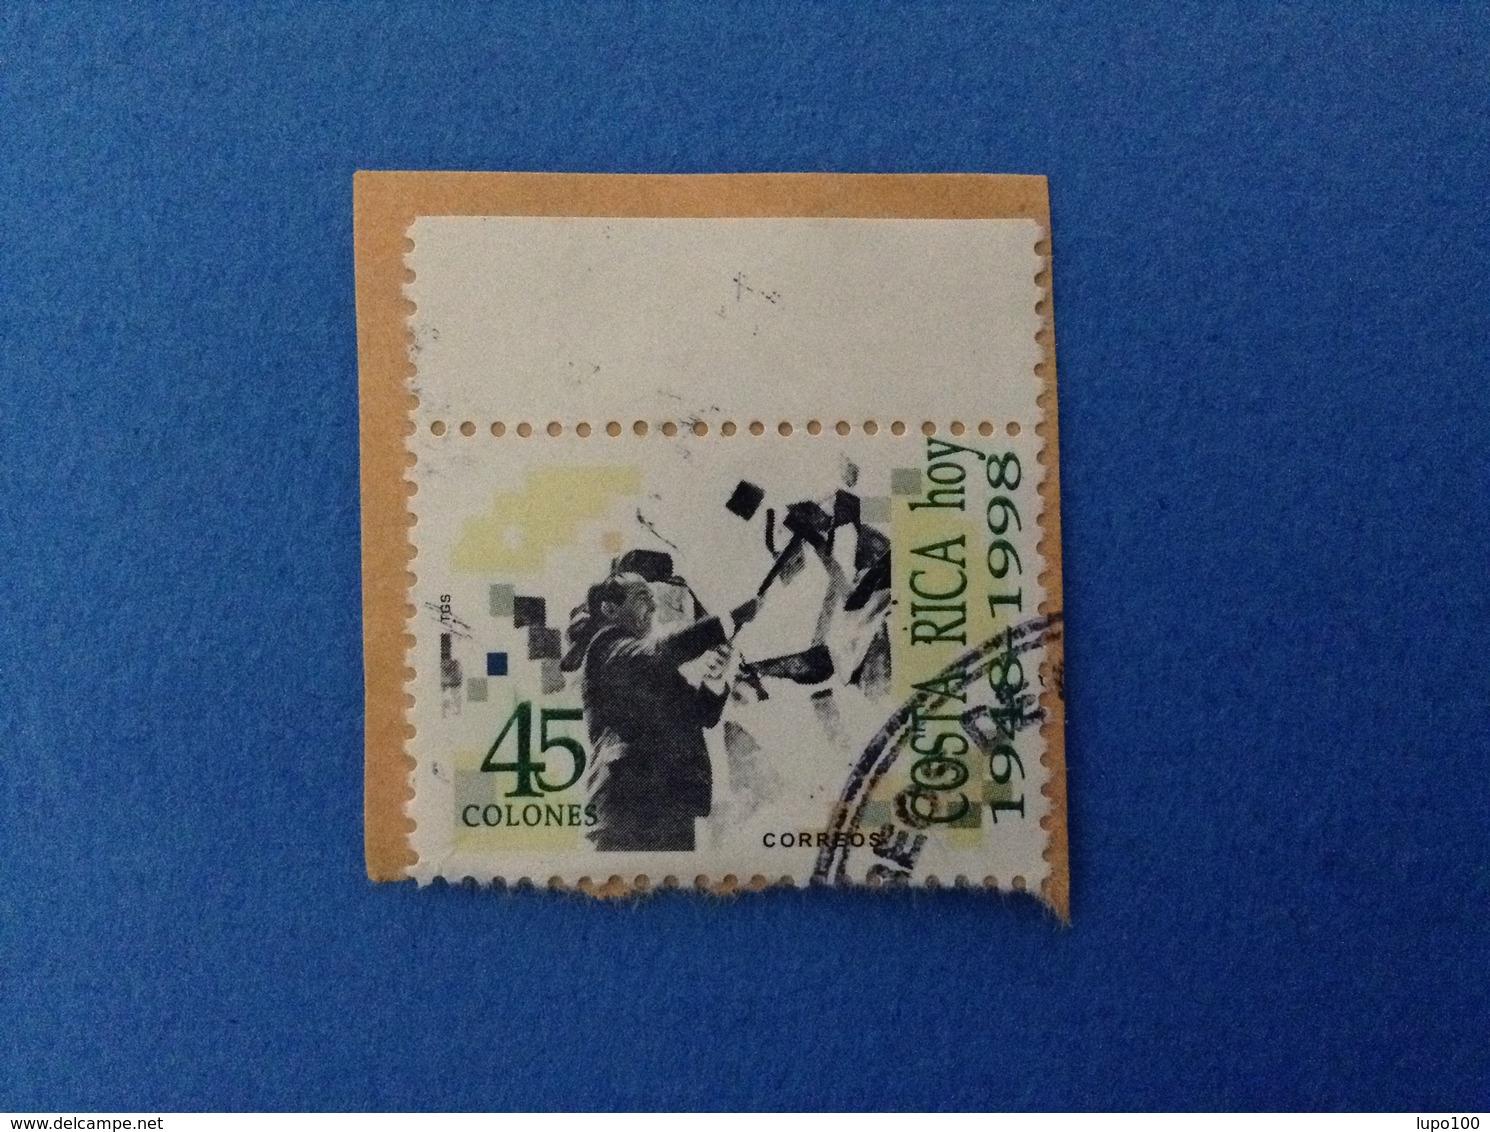 1998 COSTA RICA FRANCOBOLLO USATO STAMP USED 45 C - Costa Rica